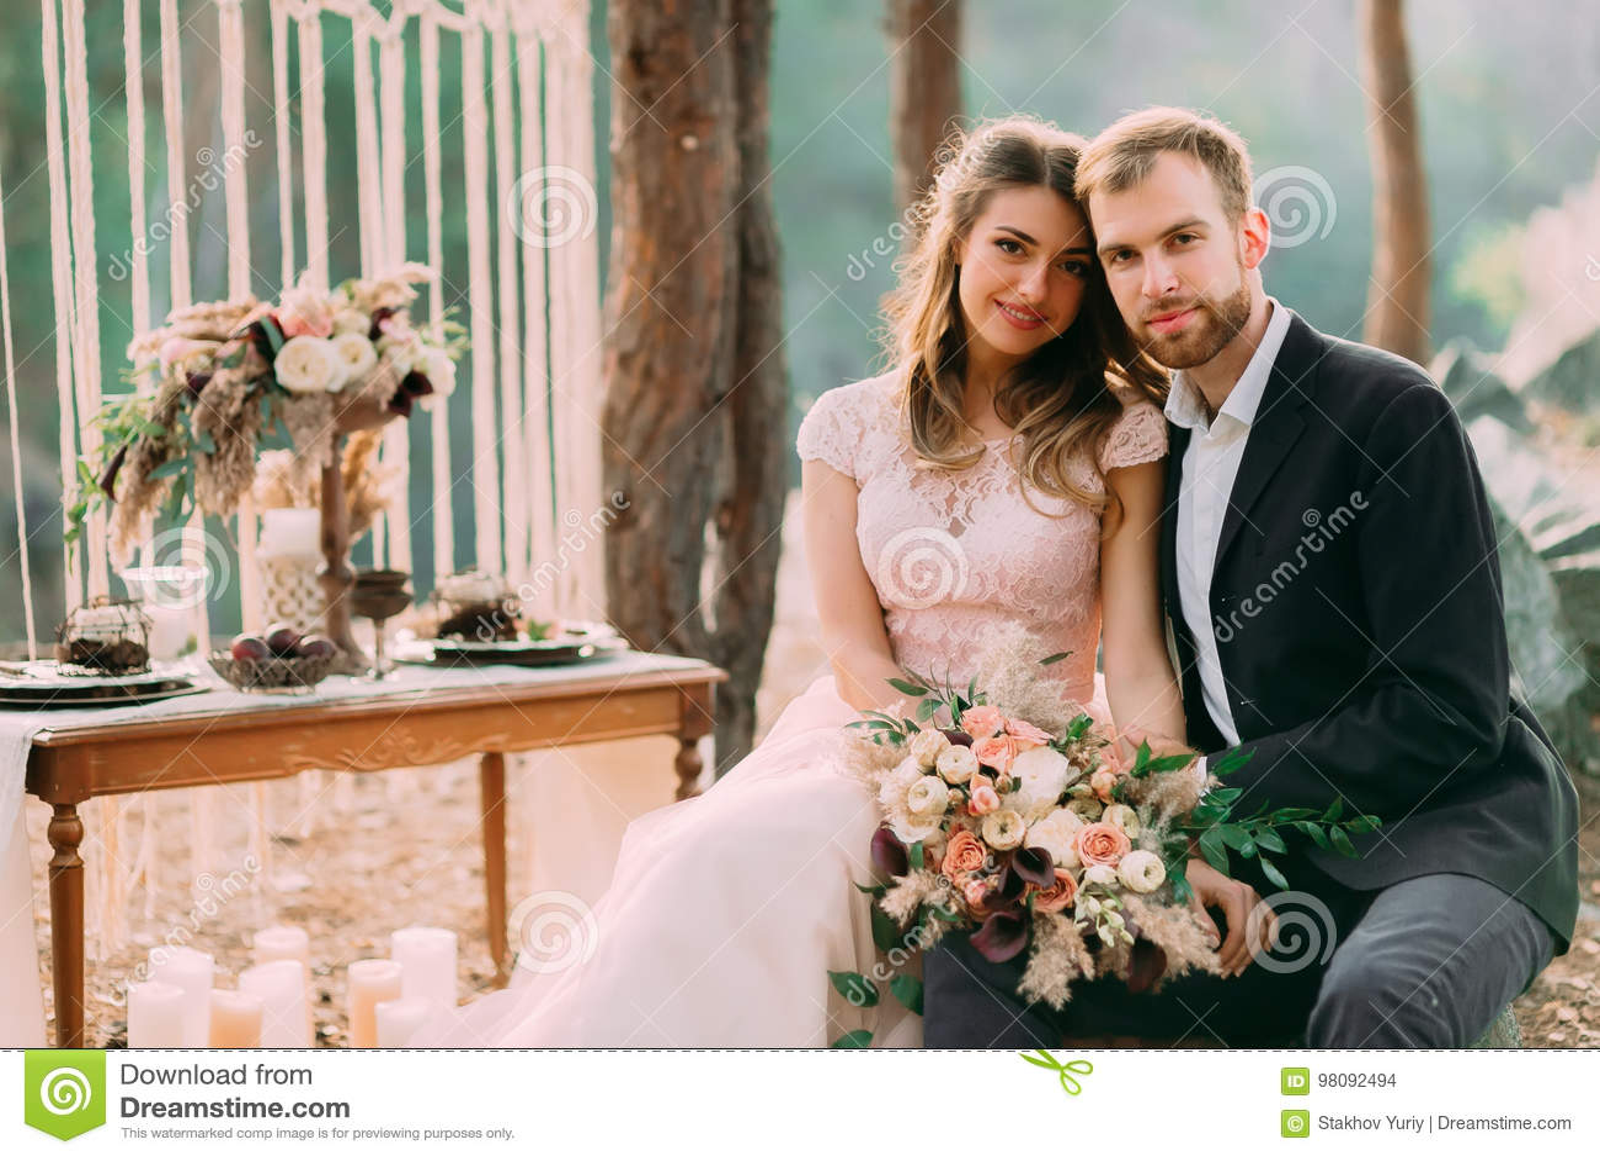 Szczęśliwy nowożeńcy spojrzenie na fotografie Mężczyzna i kobieta w świątecznych ubraniach siedzimy na kamieniach blisko ślubnej